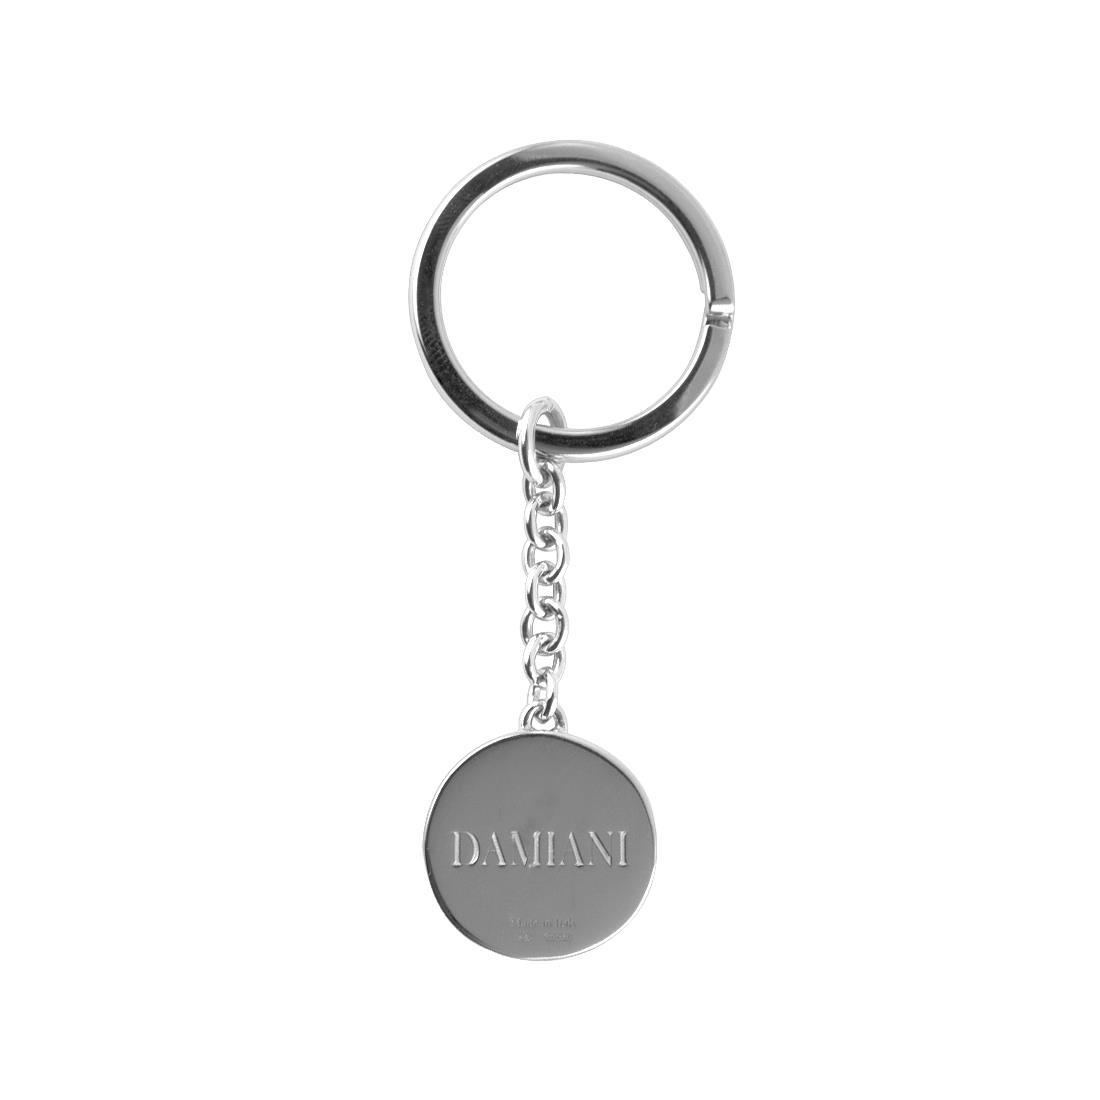 Portachiavi in argento collezione Damianissima - DAMIANI